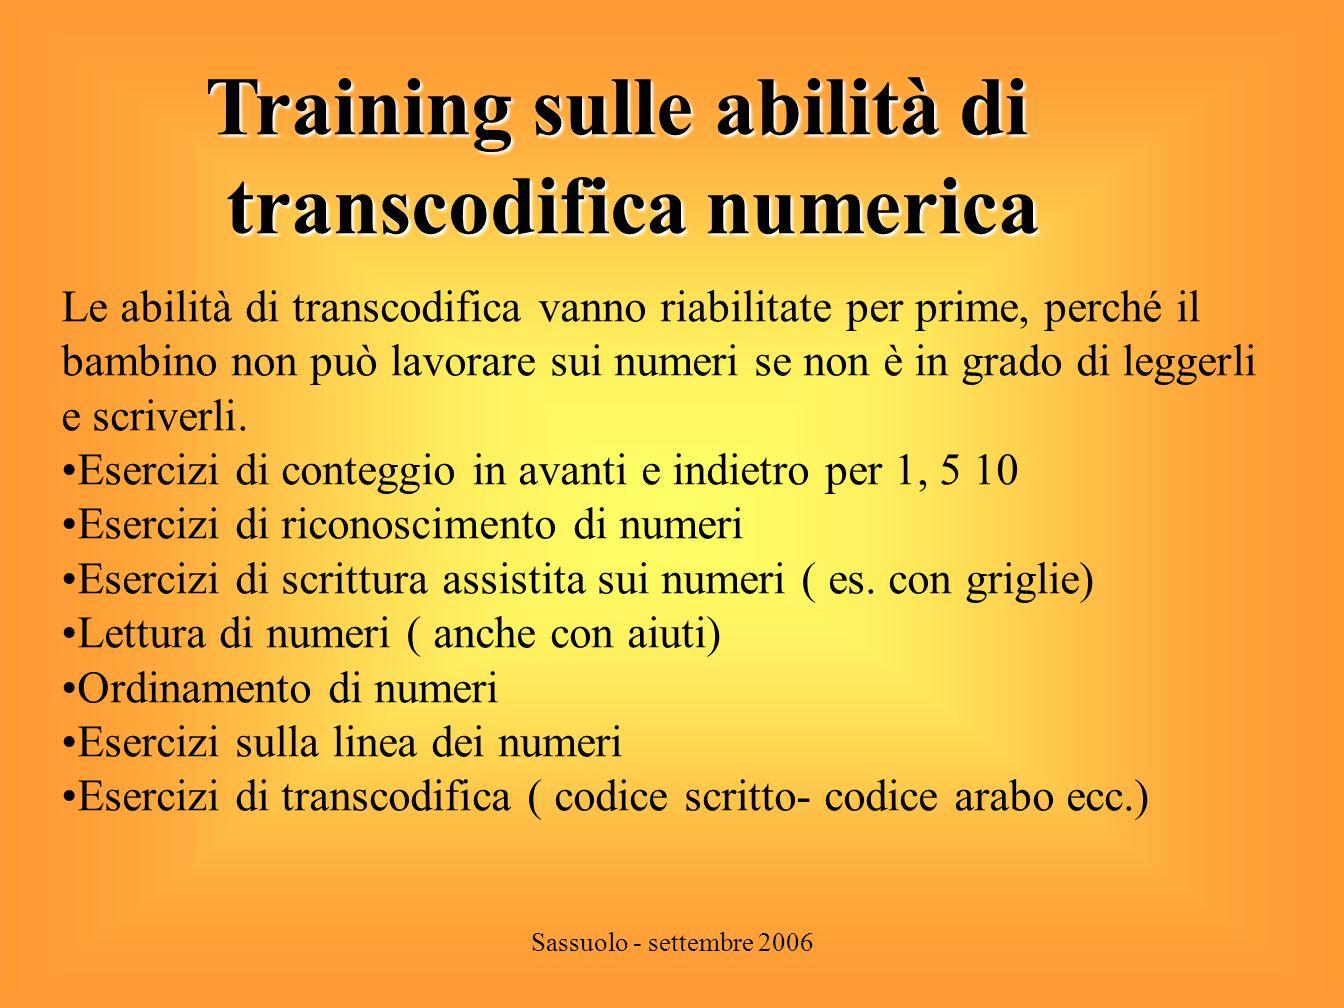 Sassuolo - settembre 2006 Identificazione della struttura sintattica del numero 500 80 7 dettato di 587 Griglia con disposizione dei miscellanei dettato di 24837.